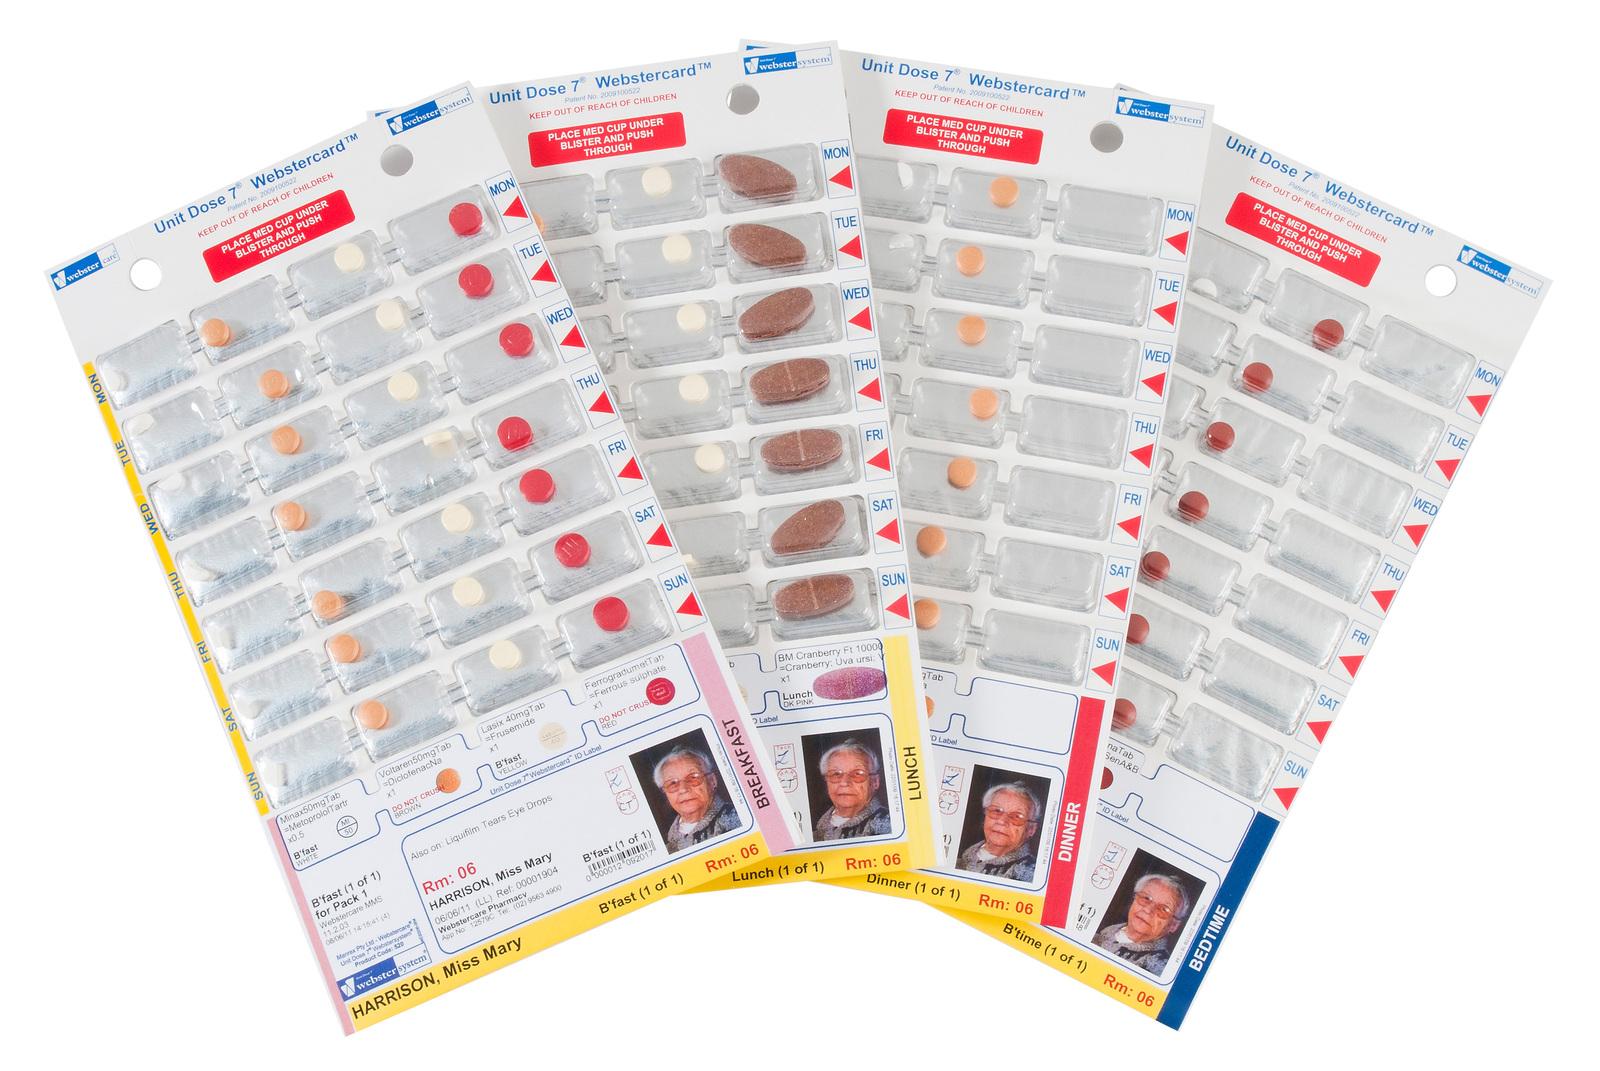 Unit Dose 7® Webstercard®